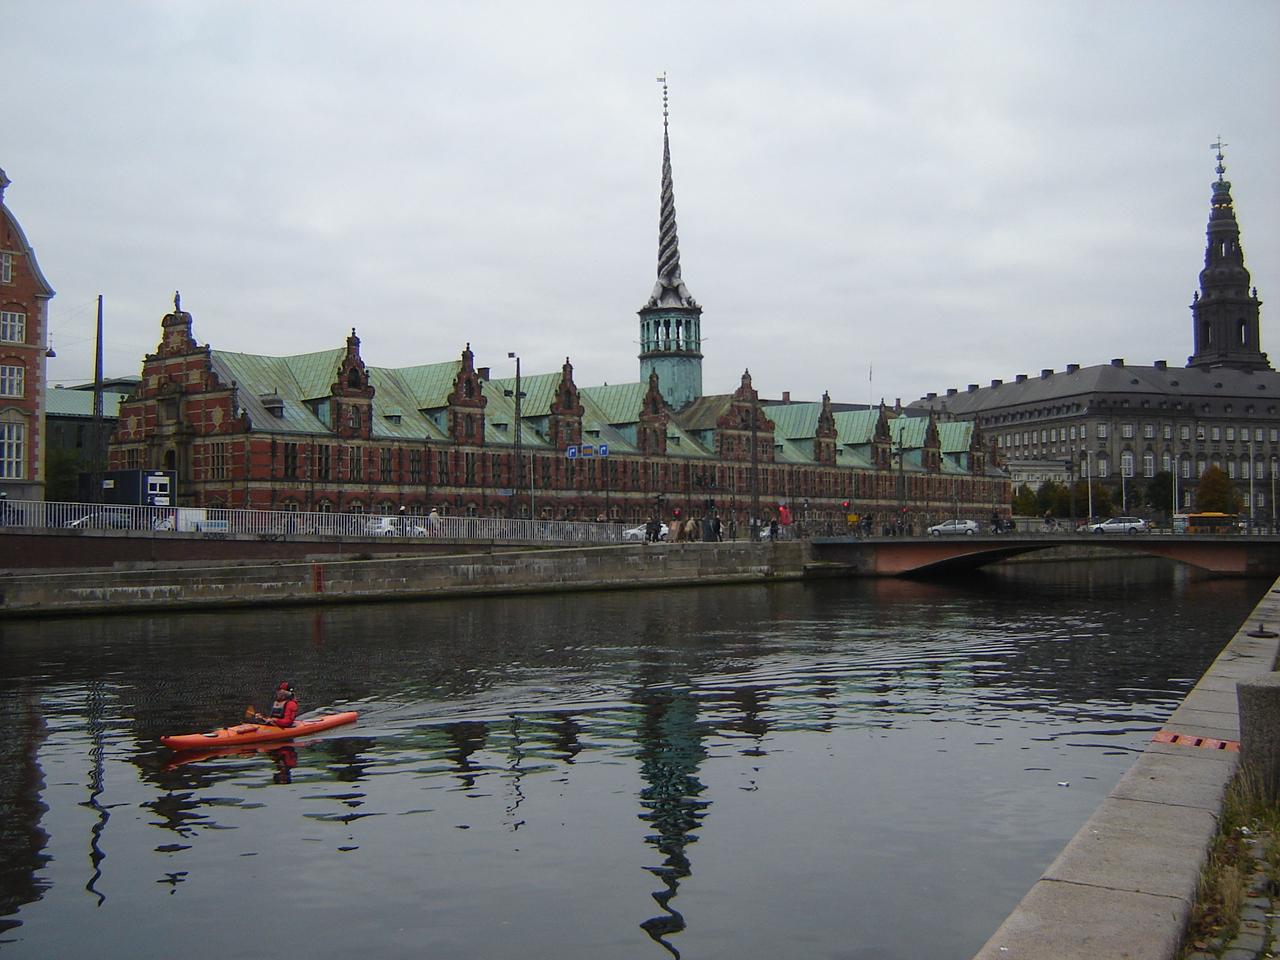 dejting köpenhamn Falköping